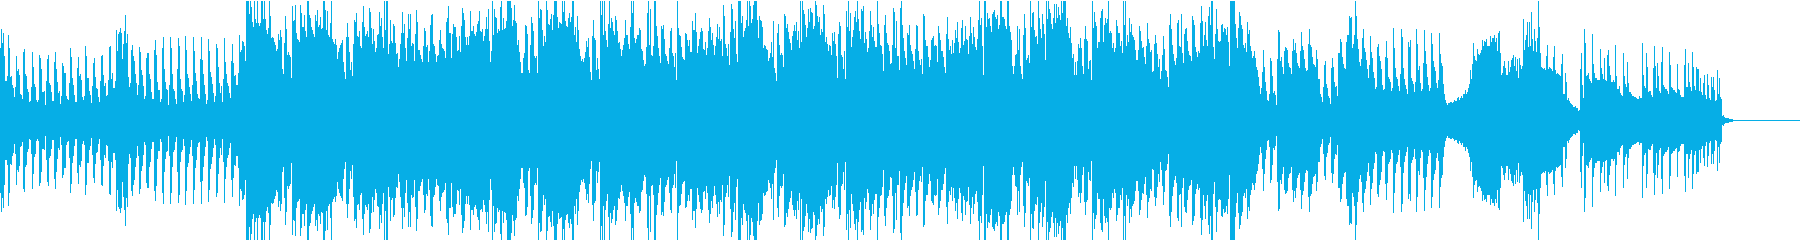 壮大な映画音楽のようなストリングスの再生済みの波形